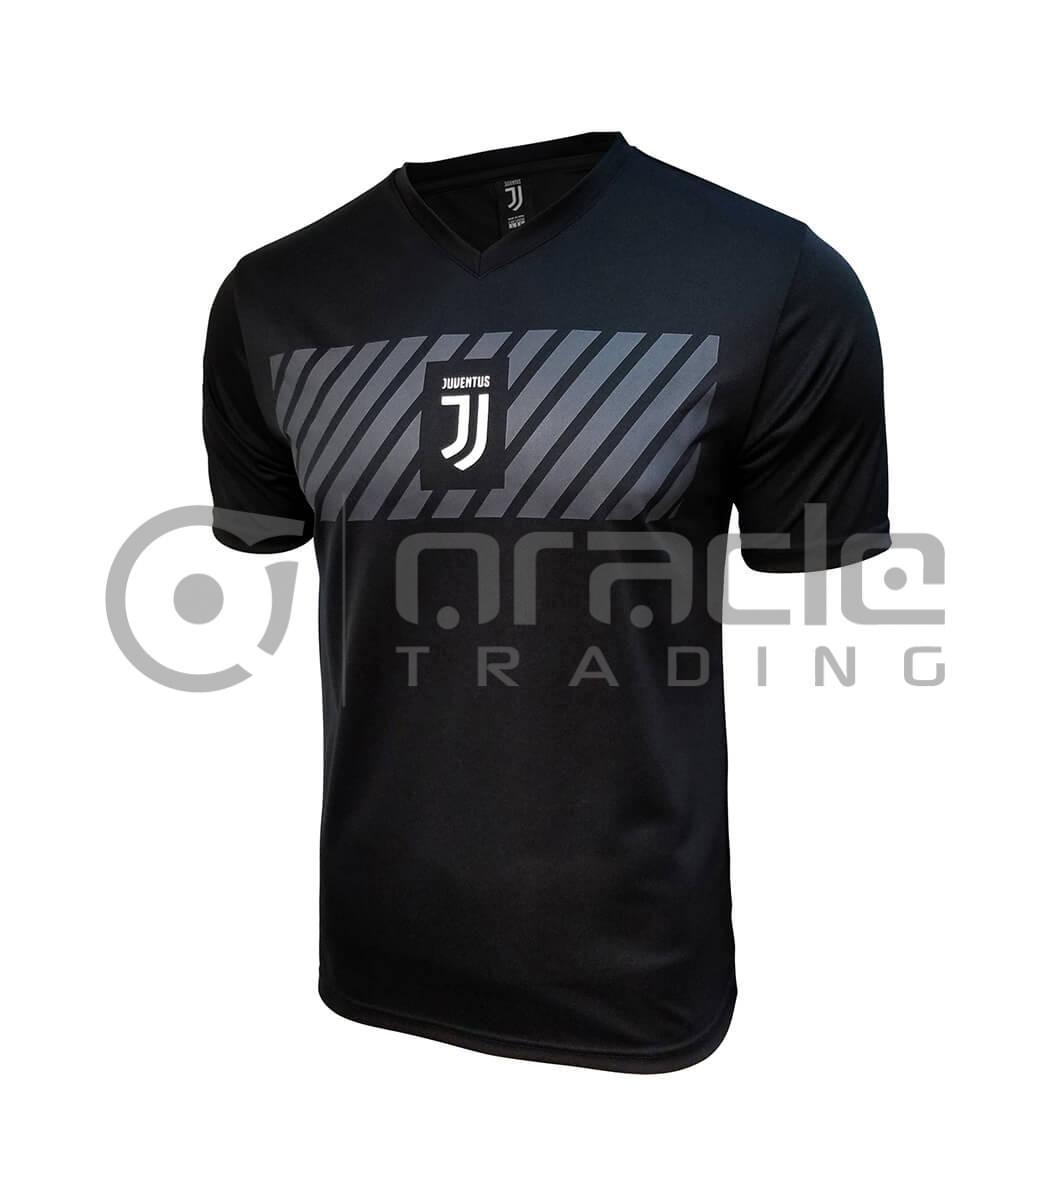 Juventus Black Soccer Shirt (Adults)